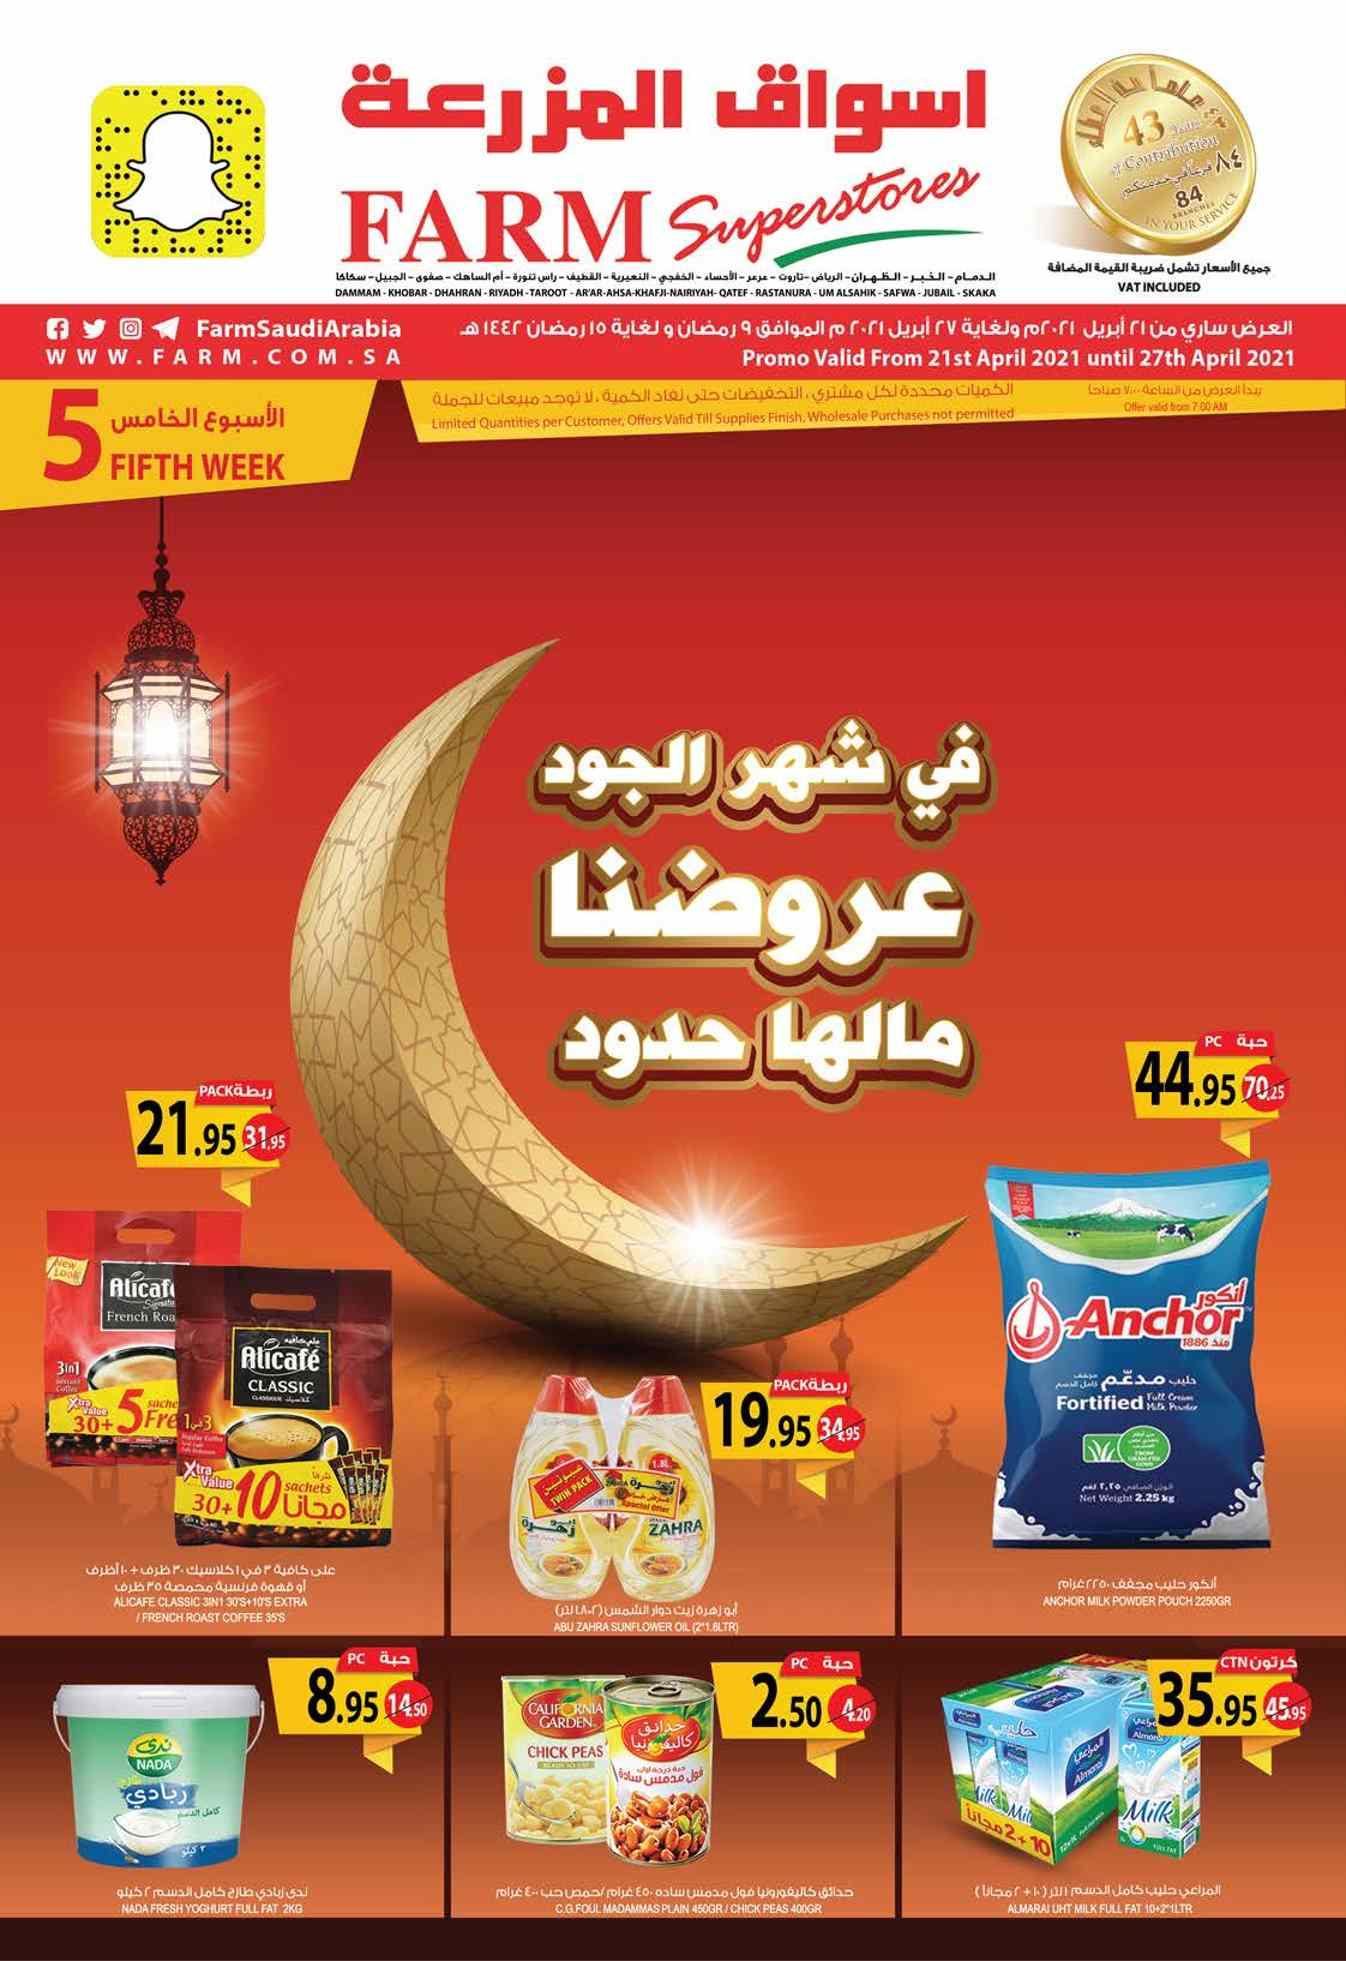 عروض المزرعة الرياض و الخرج من 21 ابريل حتى 27 ابريل 2021 عروض رمضان